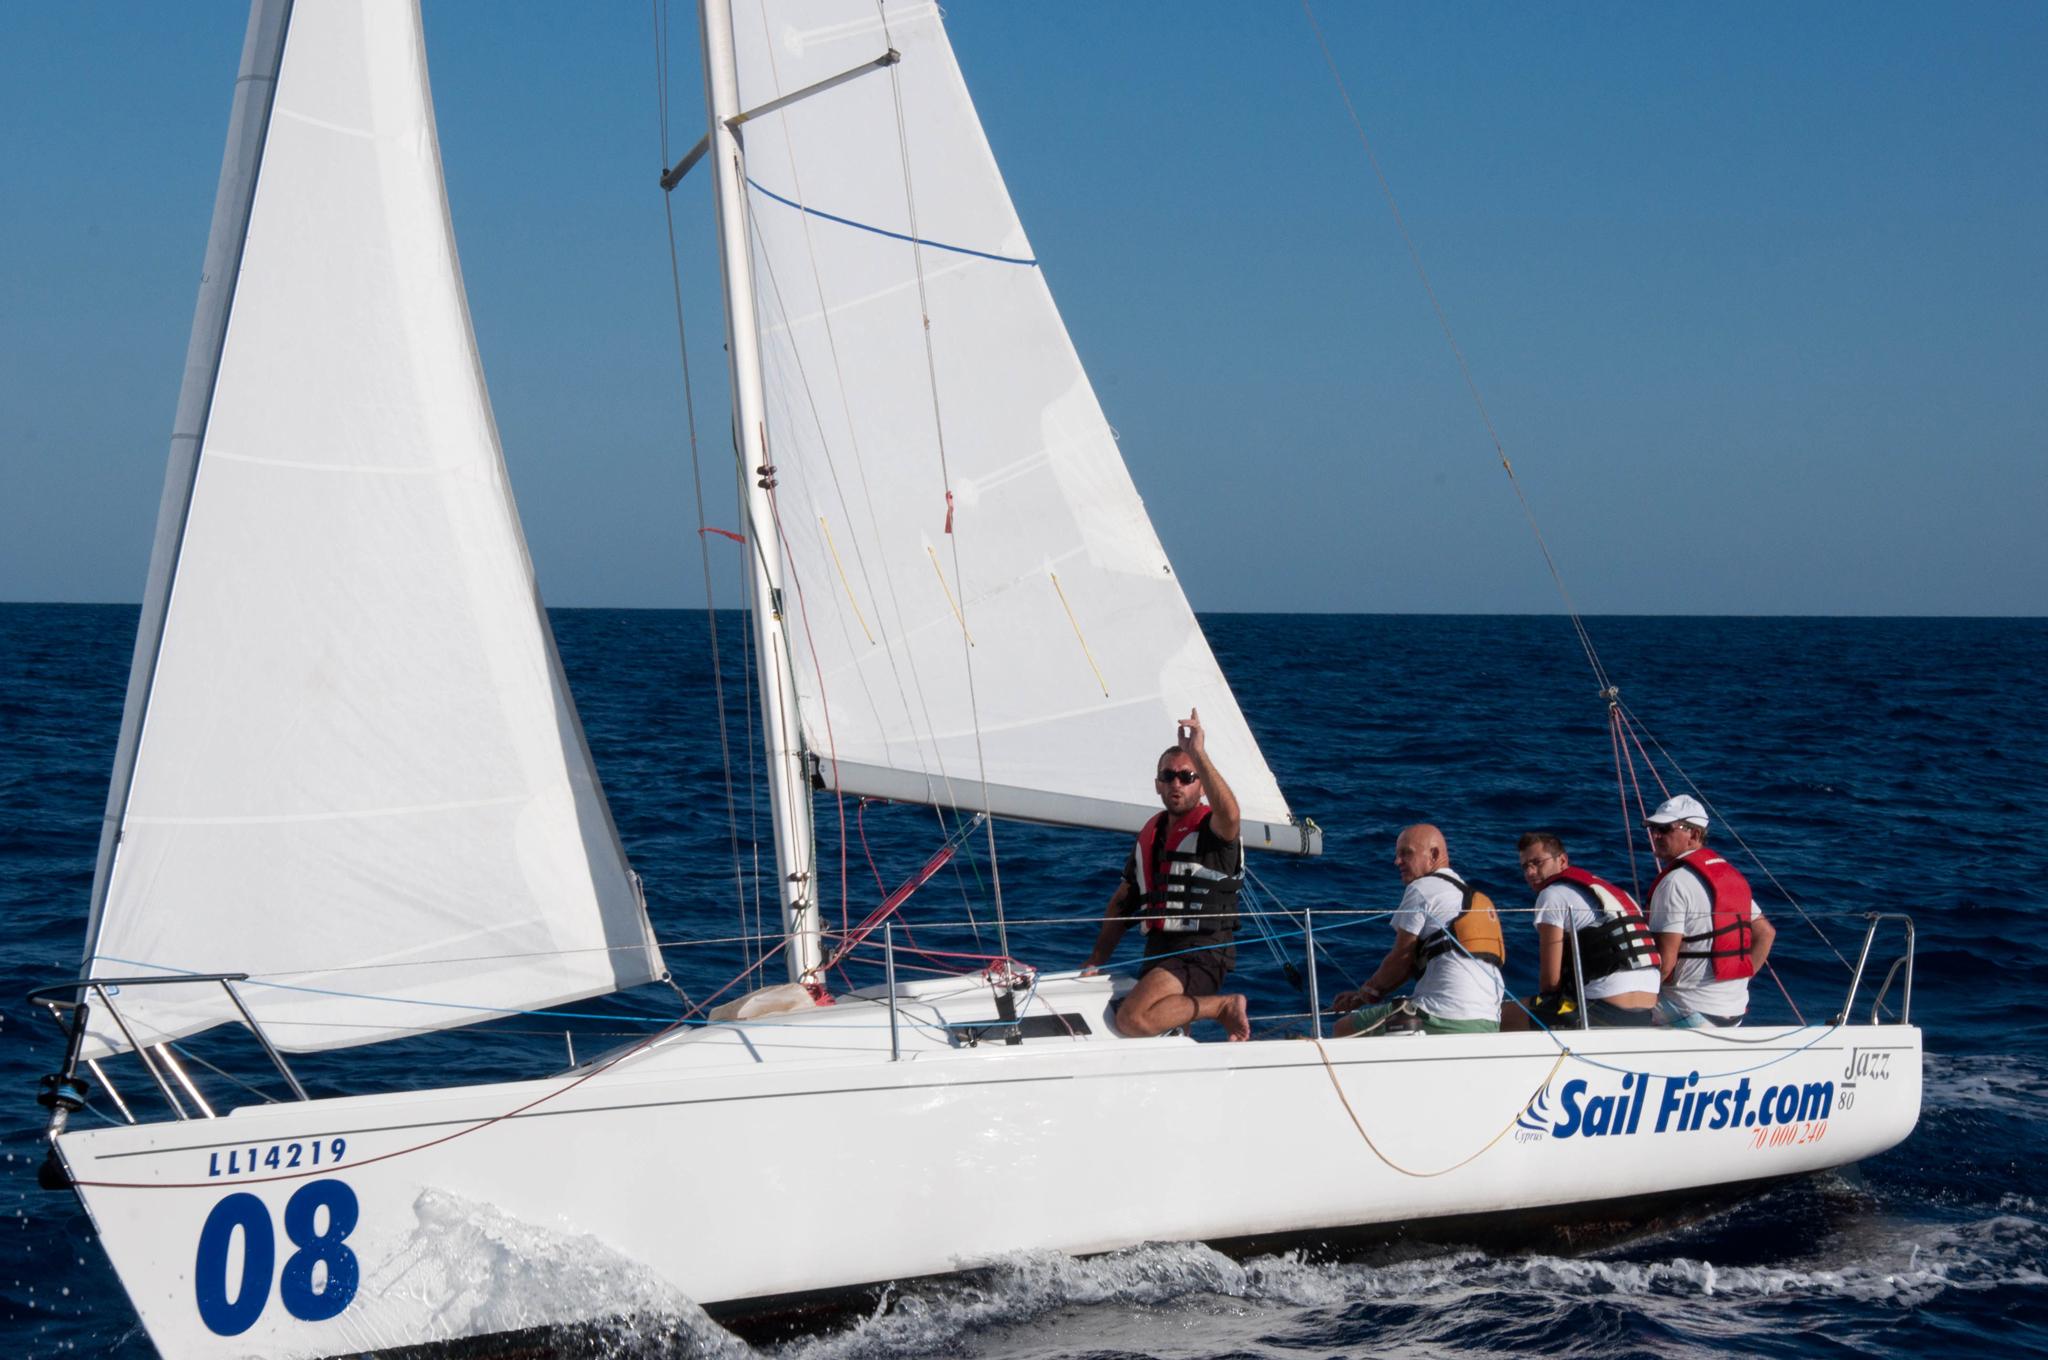 Fashion regatta Sail First 9